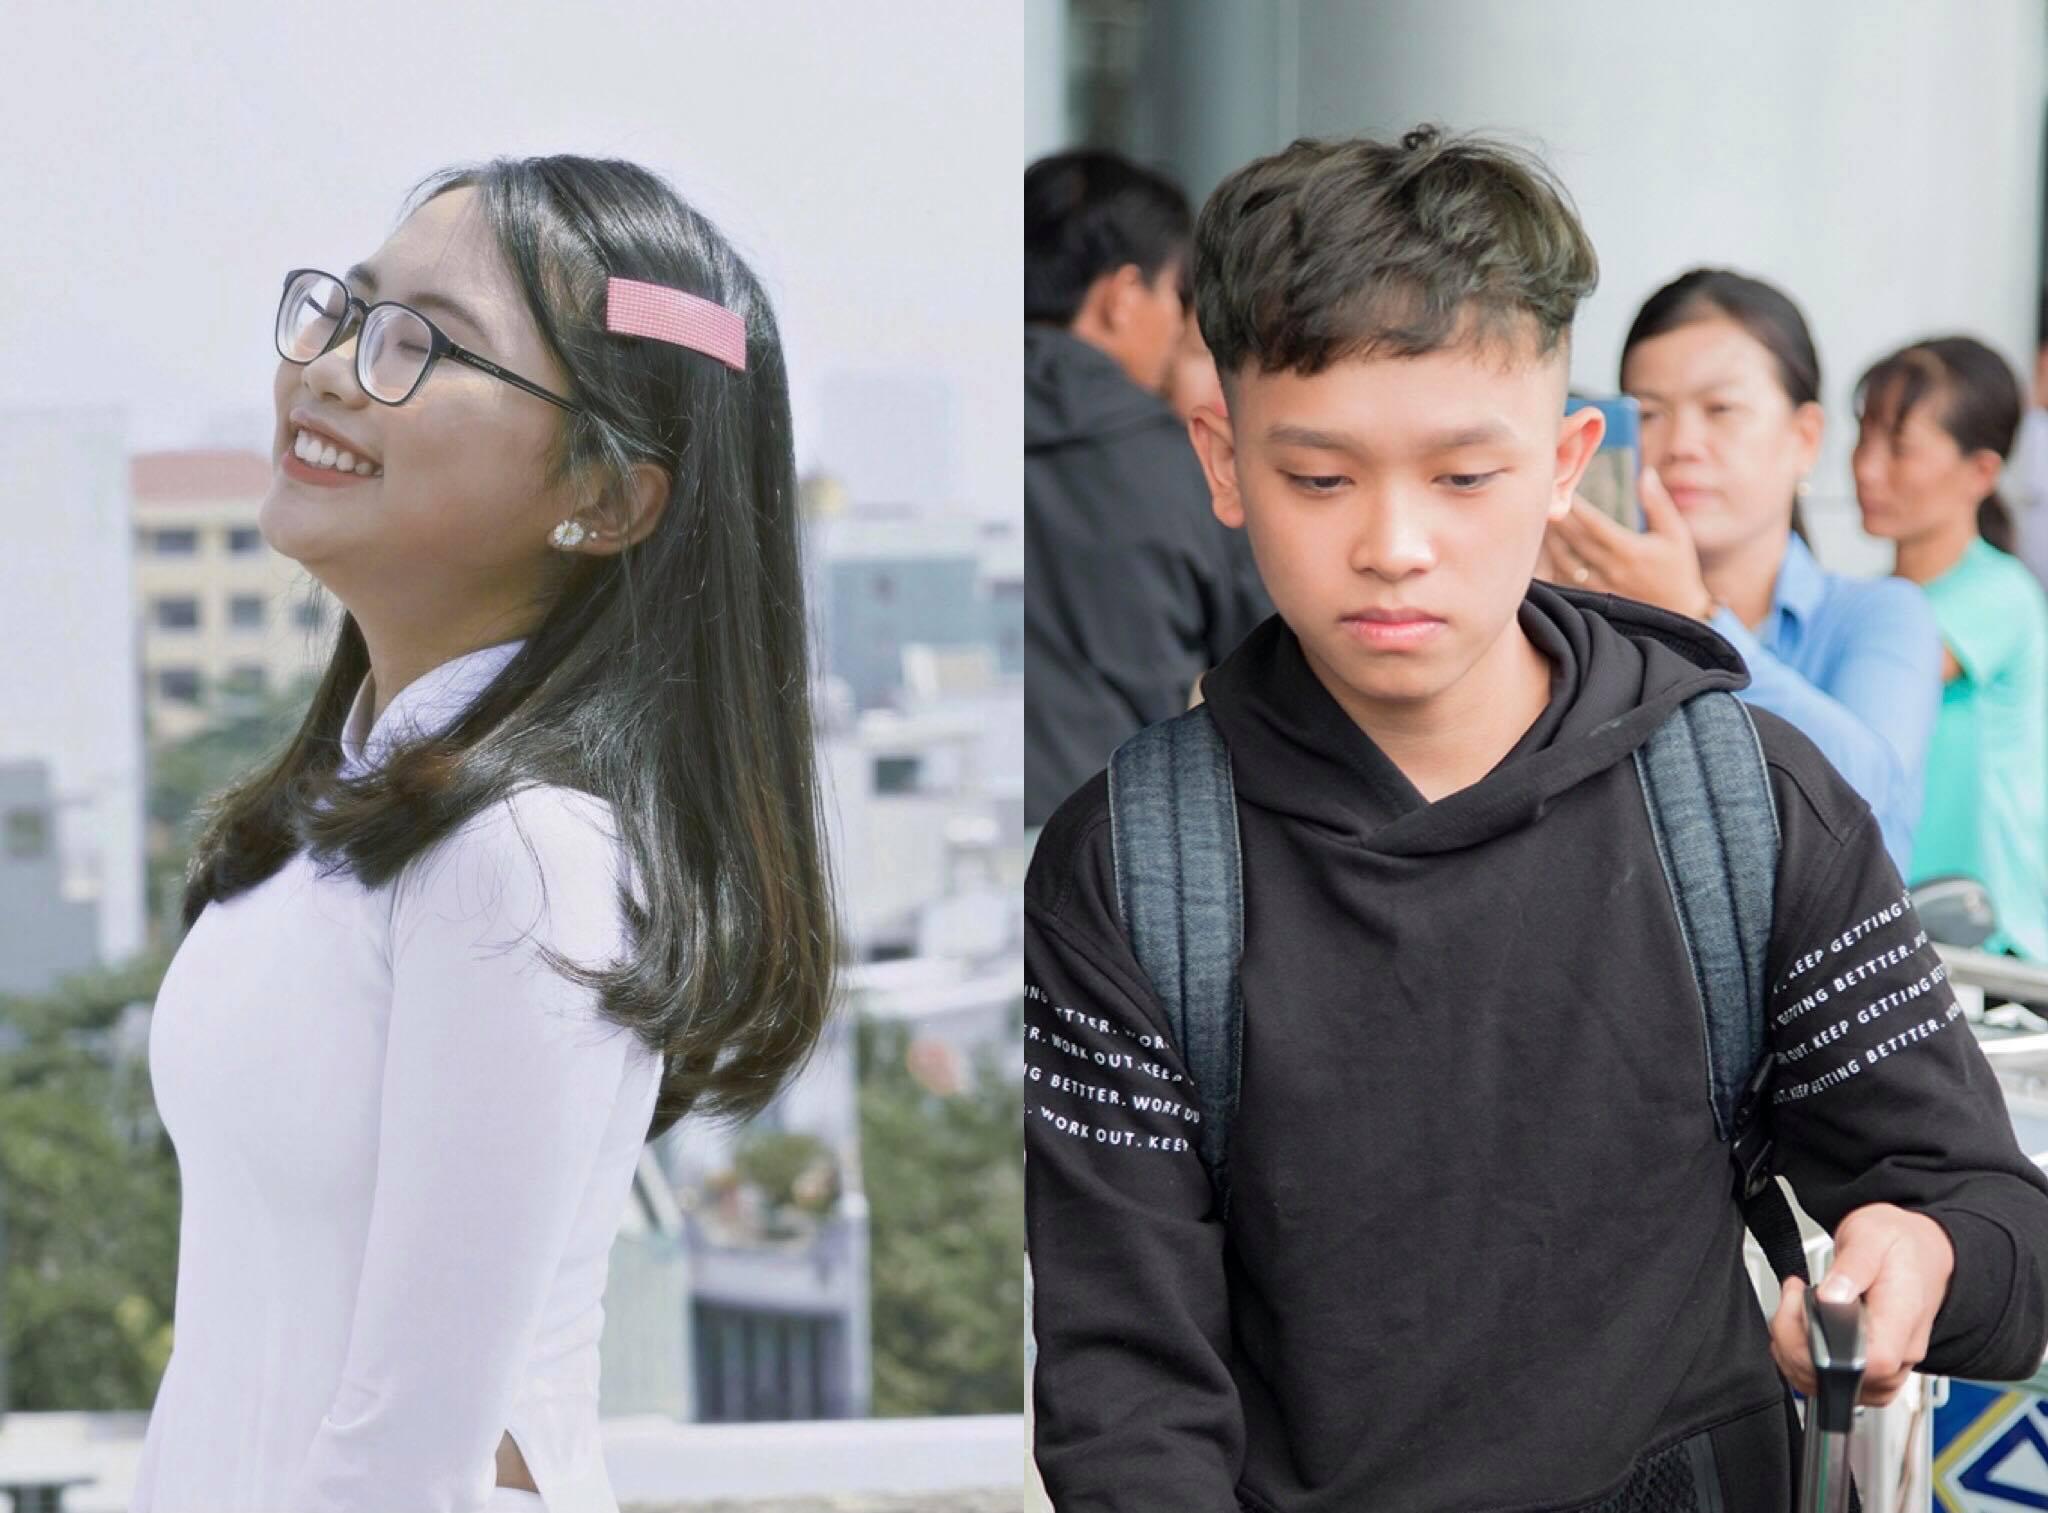 Sau 'phốt' Hồ Văn Cường, lộ mức cát sê 'trời ơi' của sao nhí Việt: Người 400 triệu mỗi show, kẻ lại 'không đổi đời được'